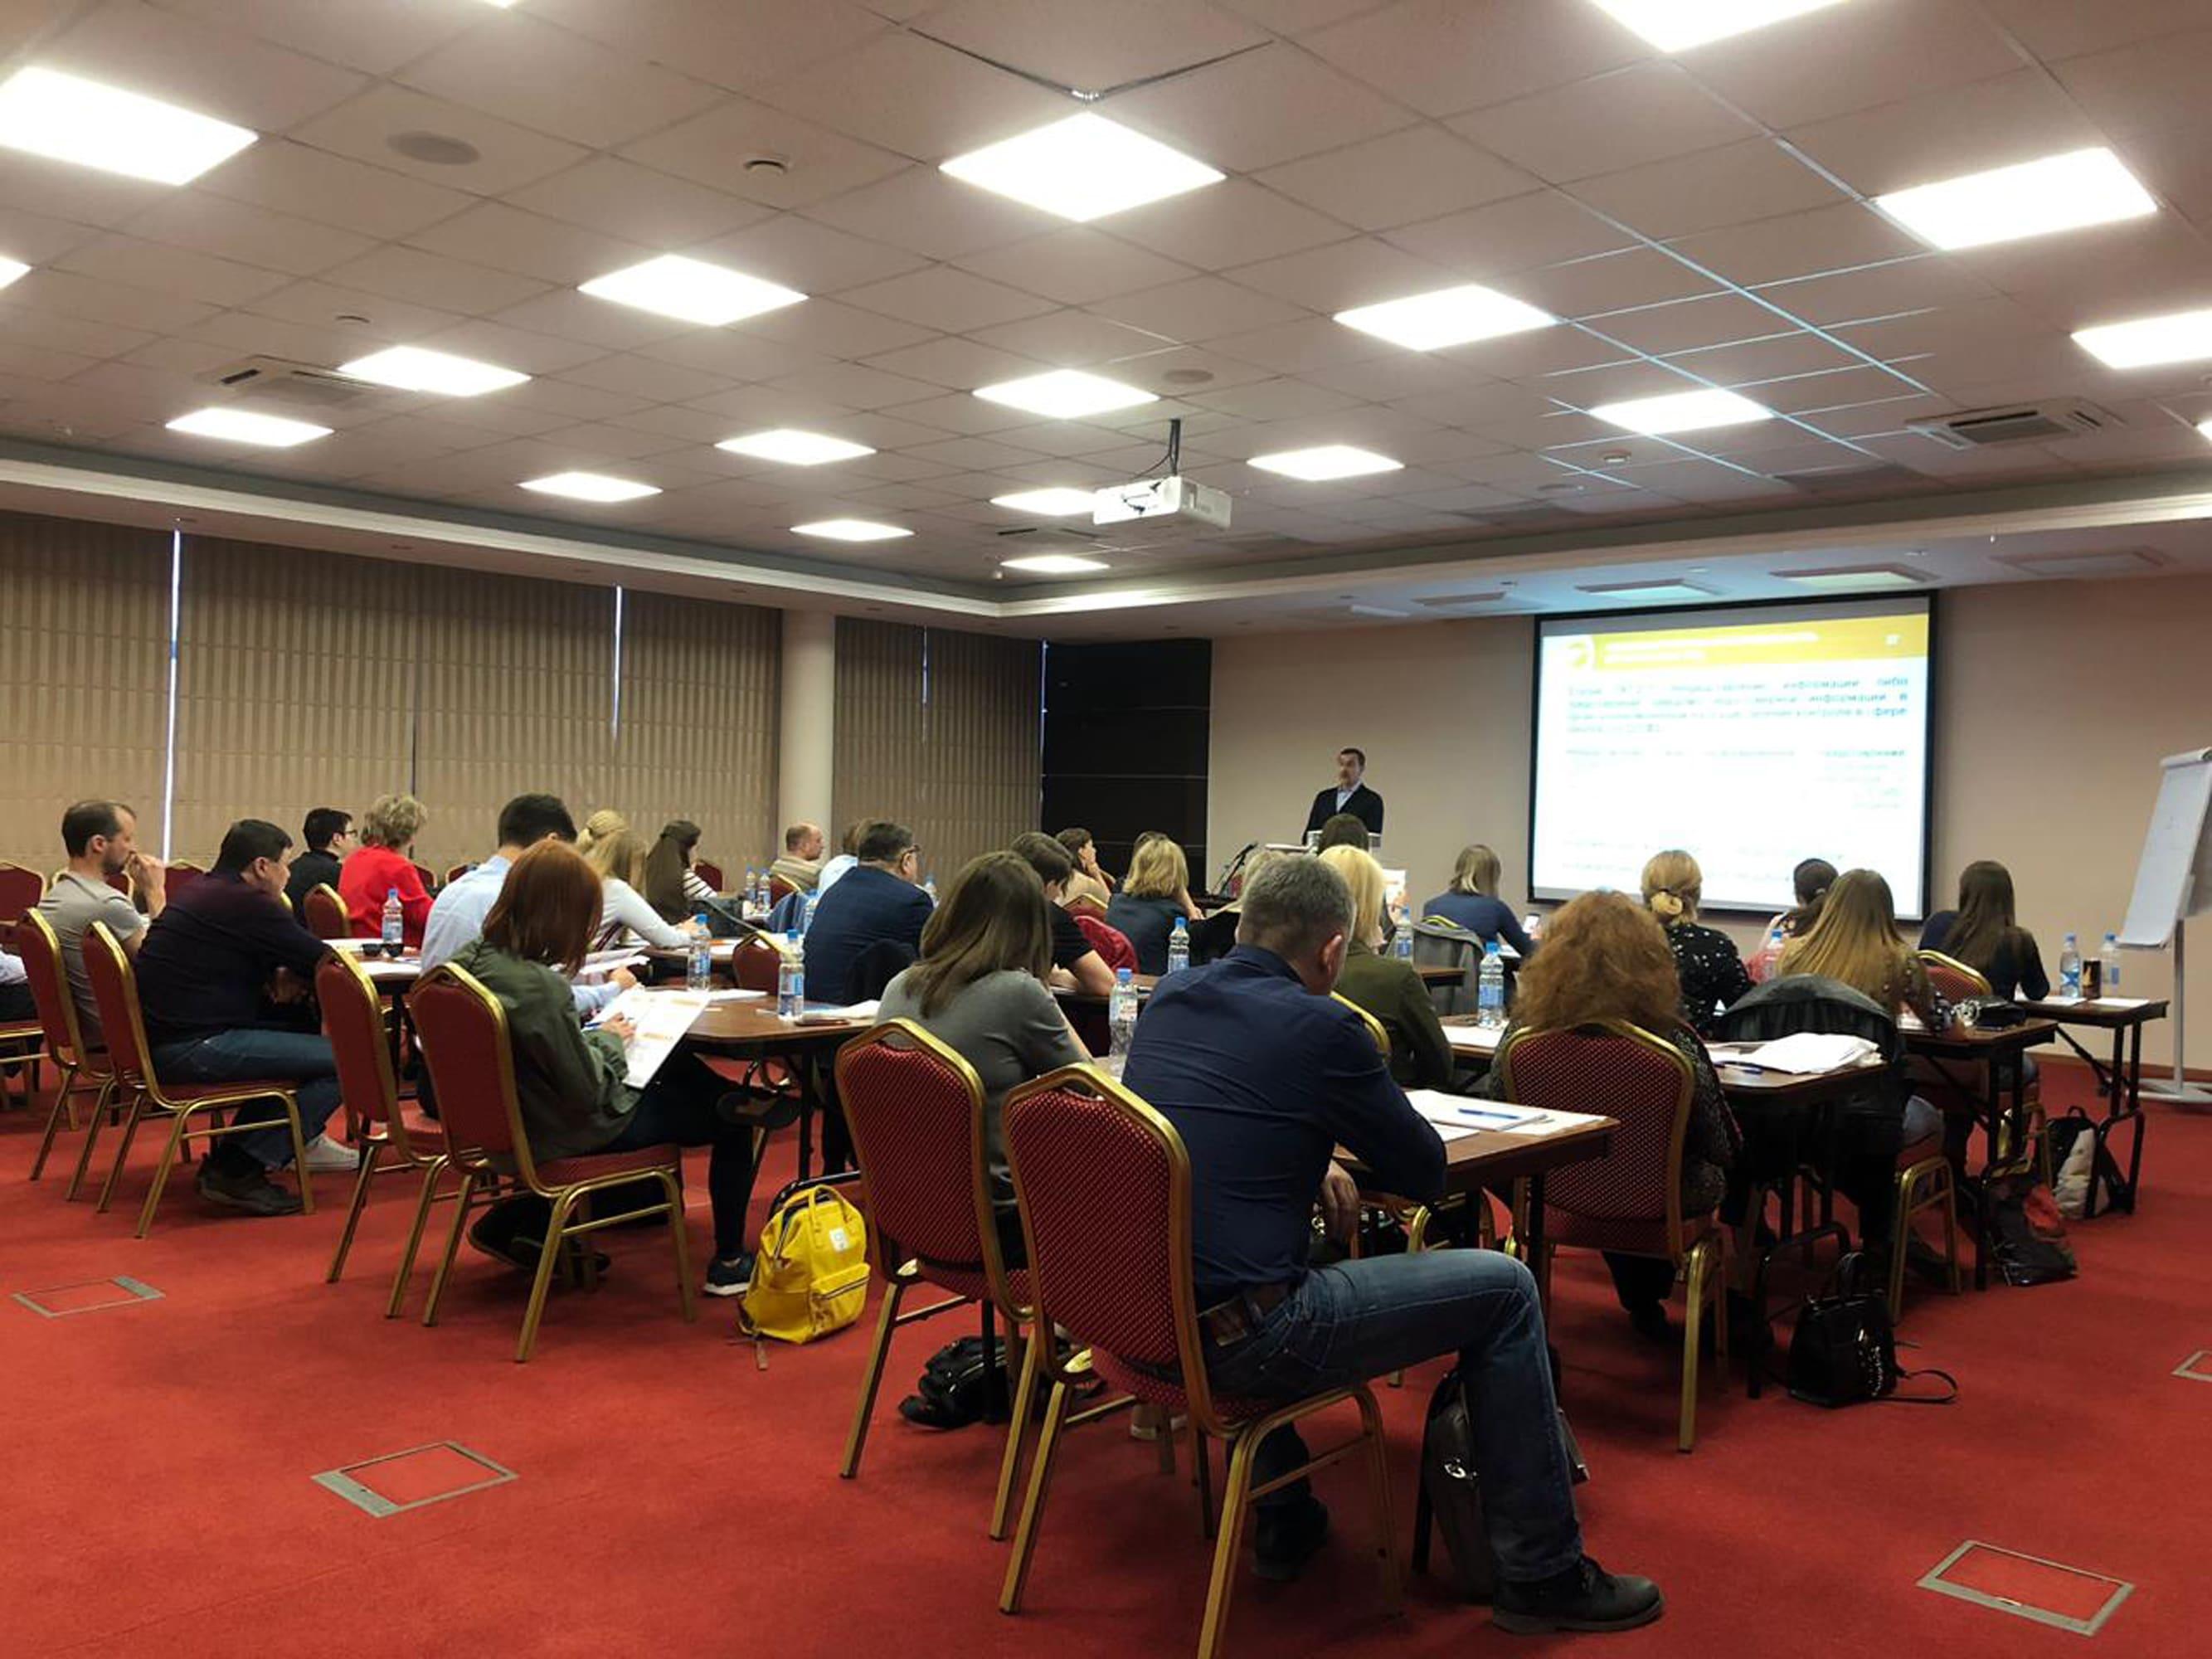 seminar_15_04_19_CQVX0166